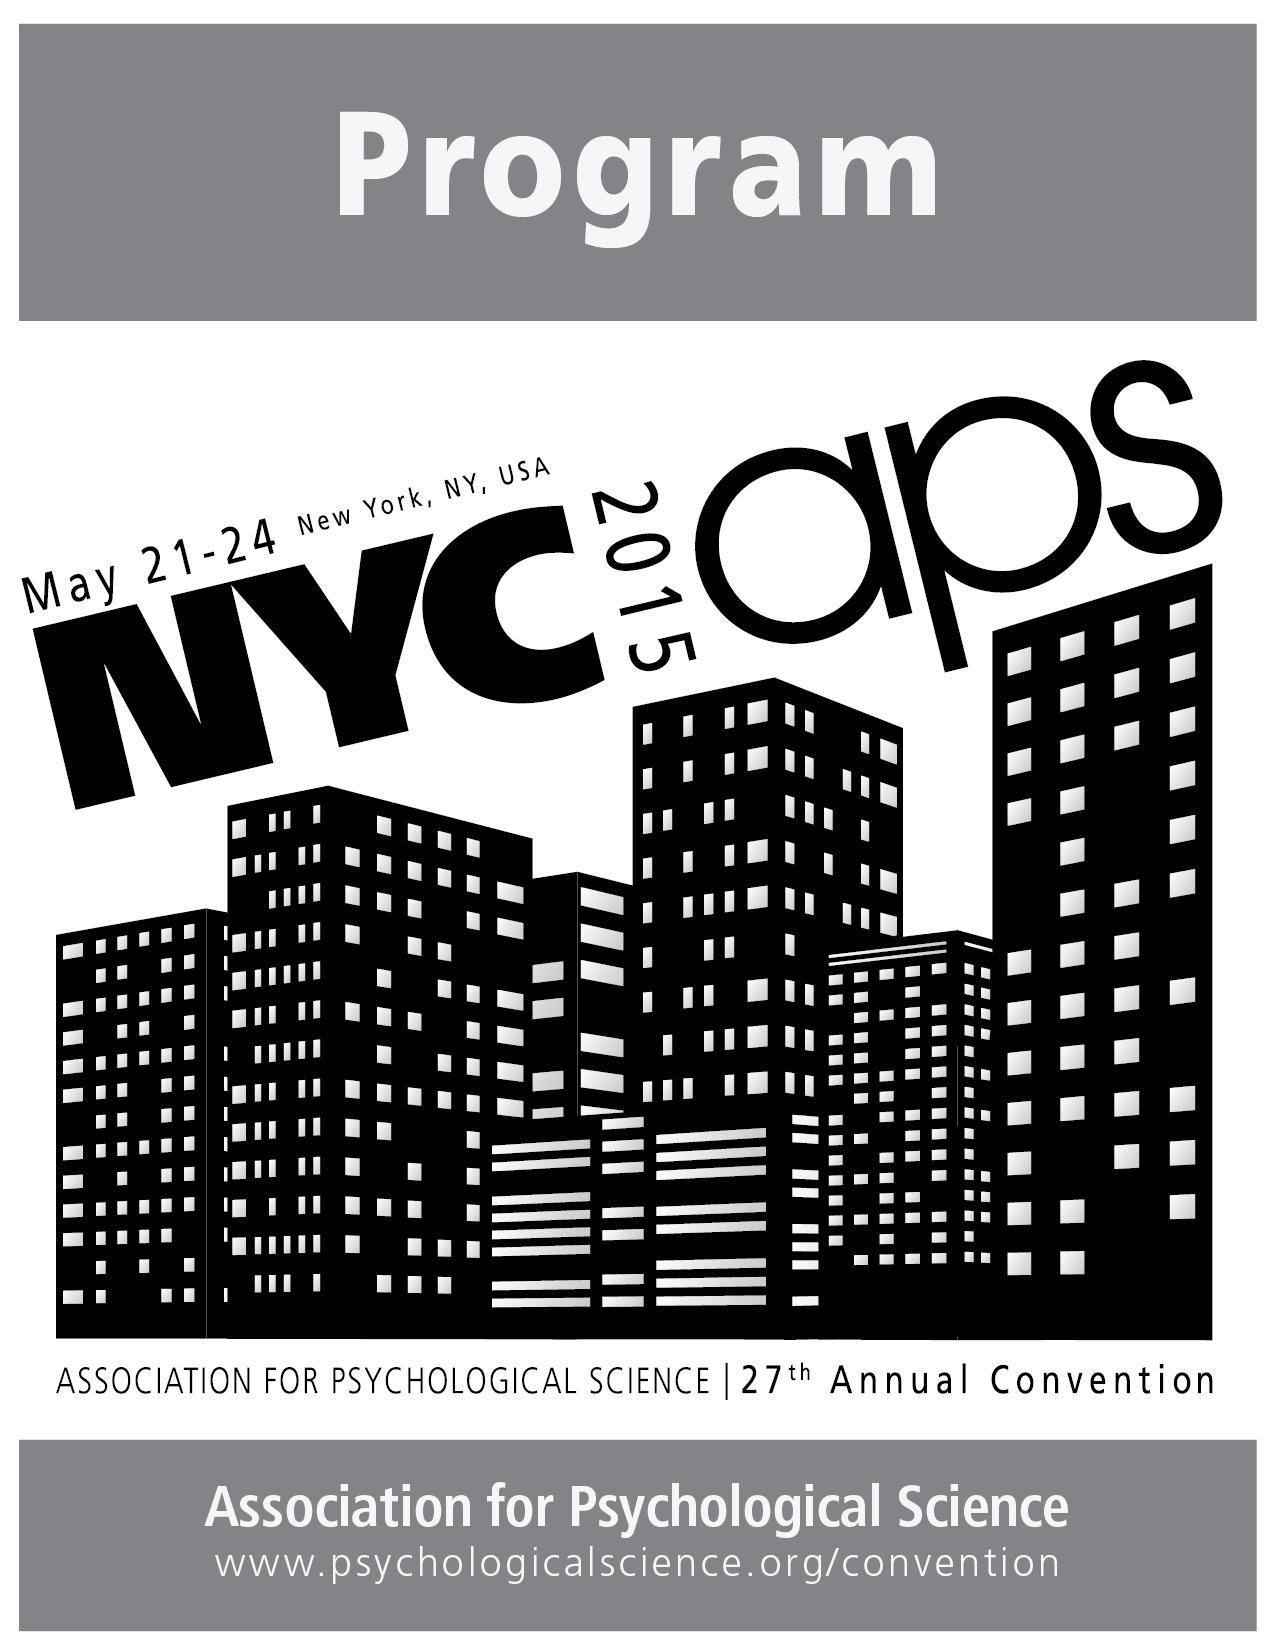 APS_2015_Program_mock